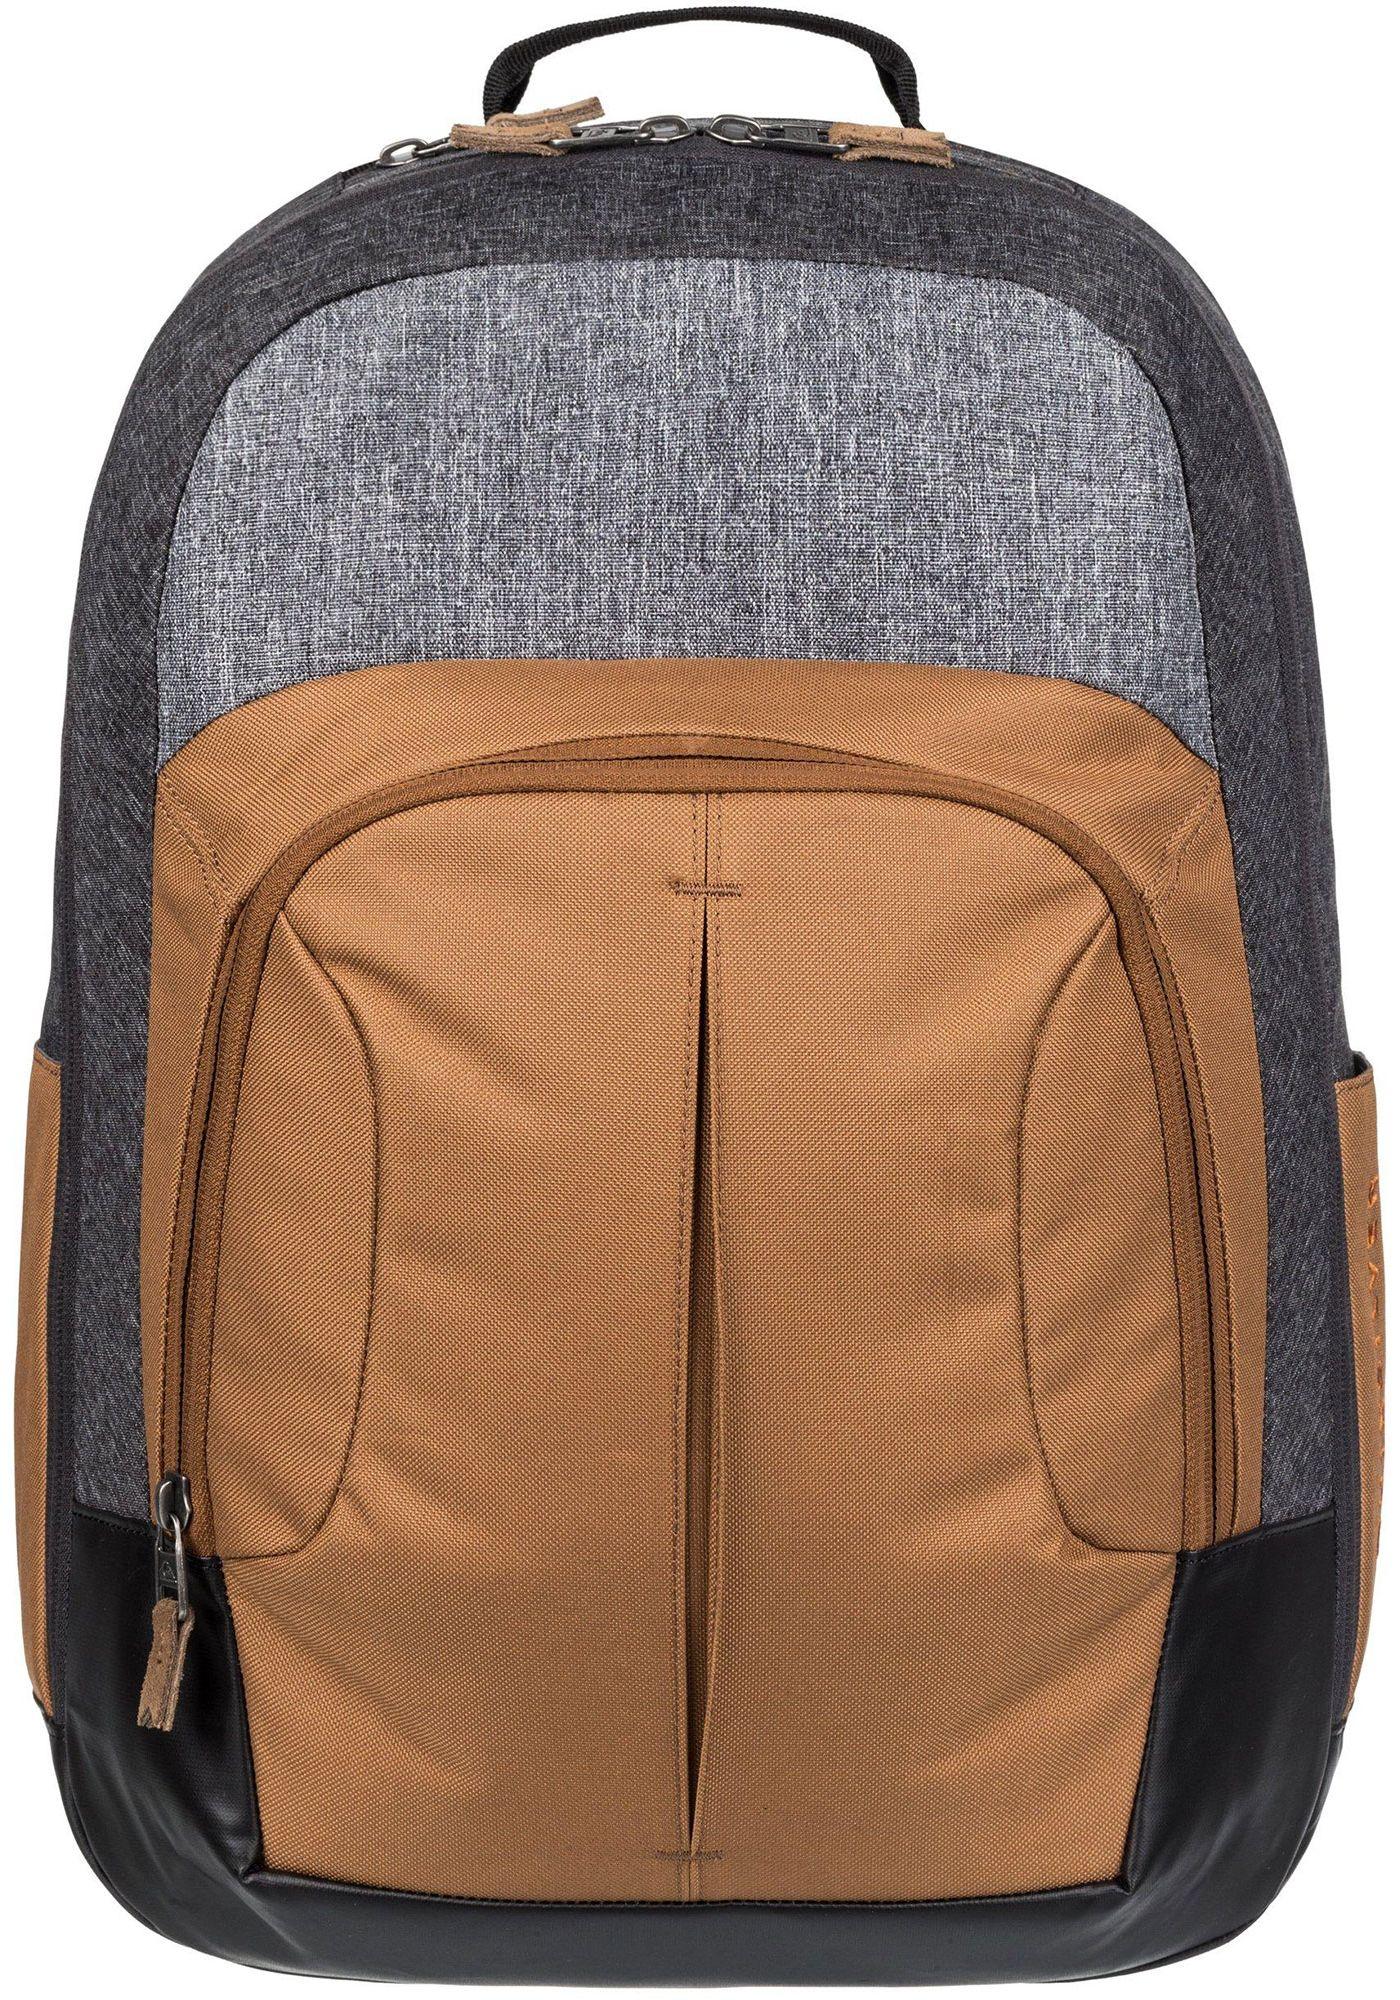 Quiksilver Schoolie Cooler Backpack